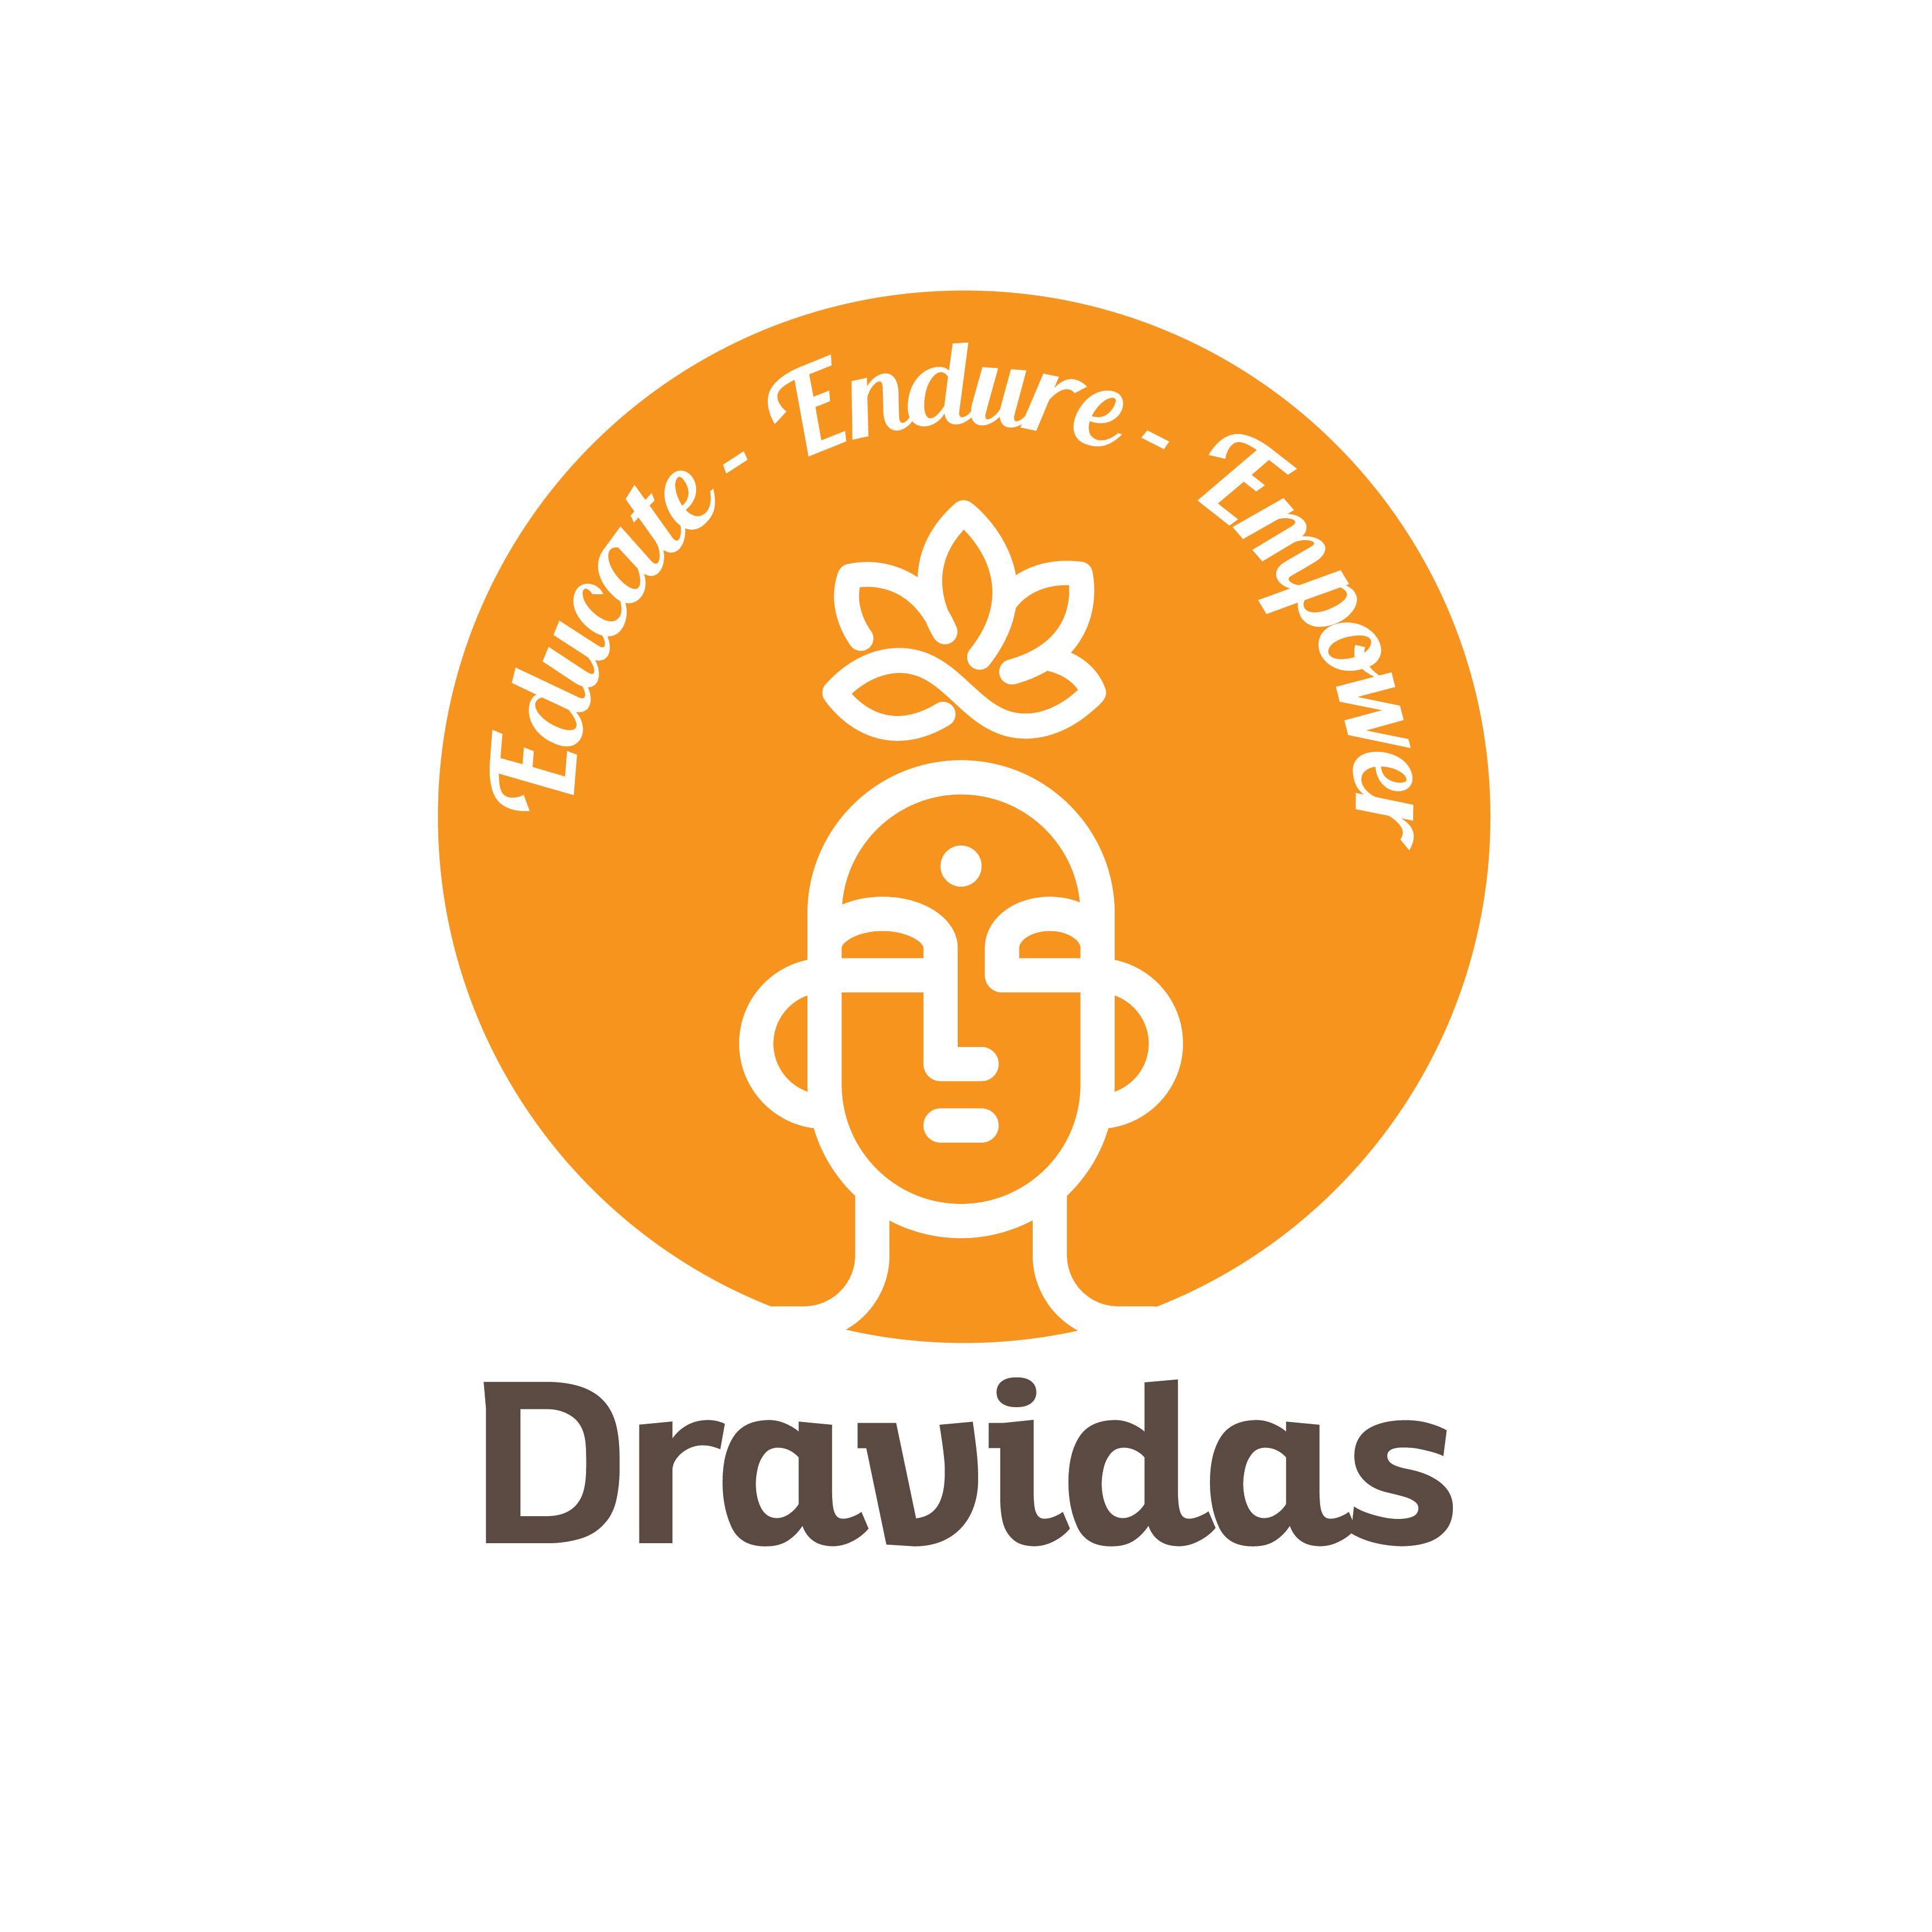 Dravidas Logo finall